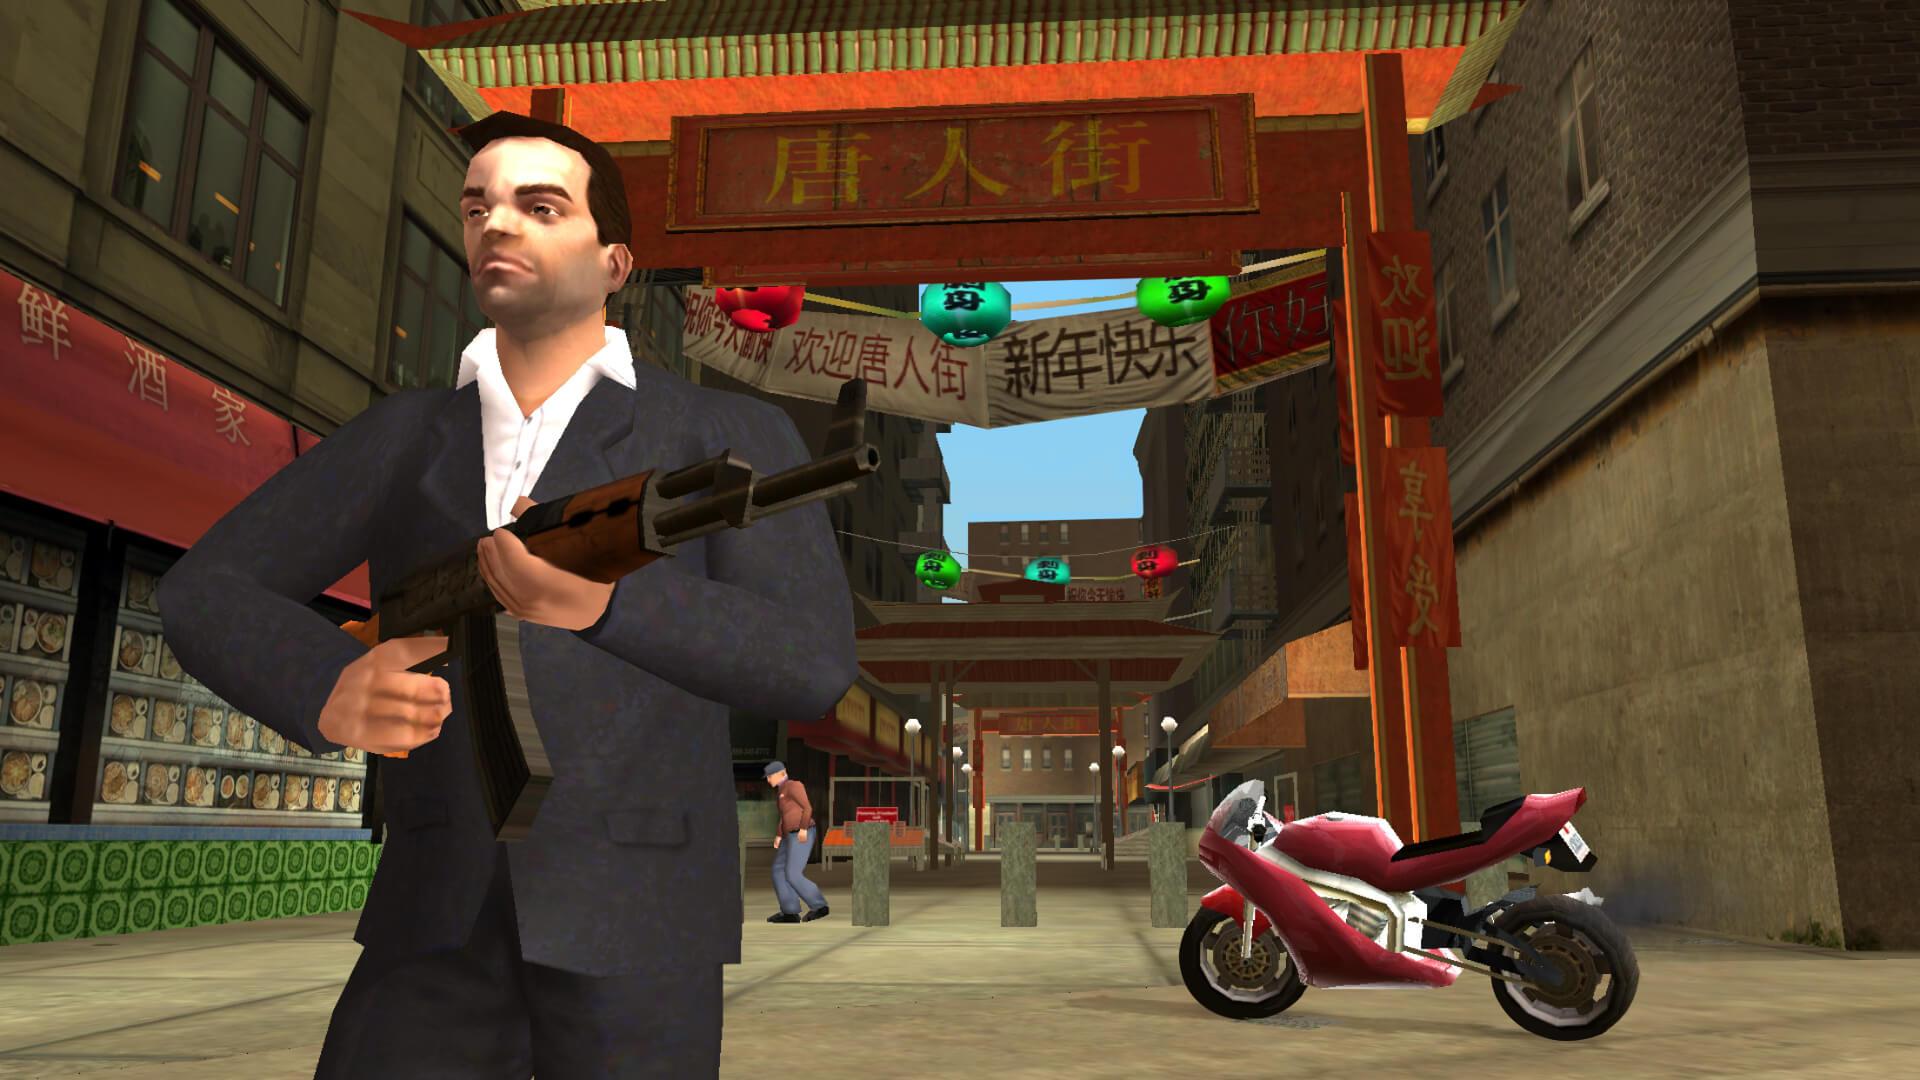 銃を手に中華街を闊歩するトニー。『グランド・セフト・オート・リバティーシティ・ストーリーズ』より。